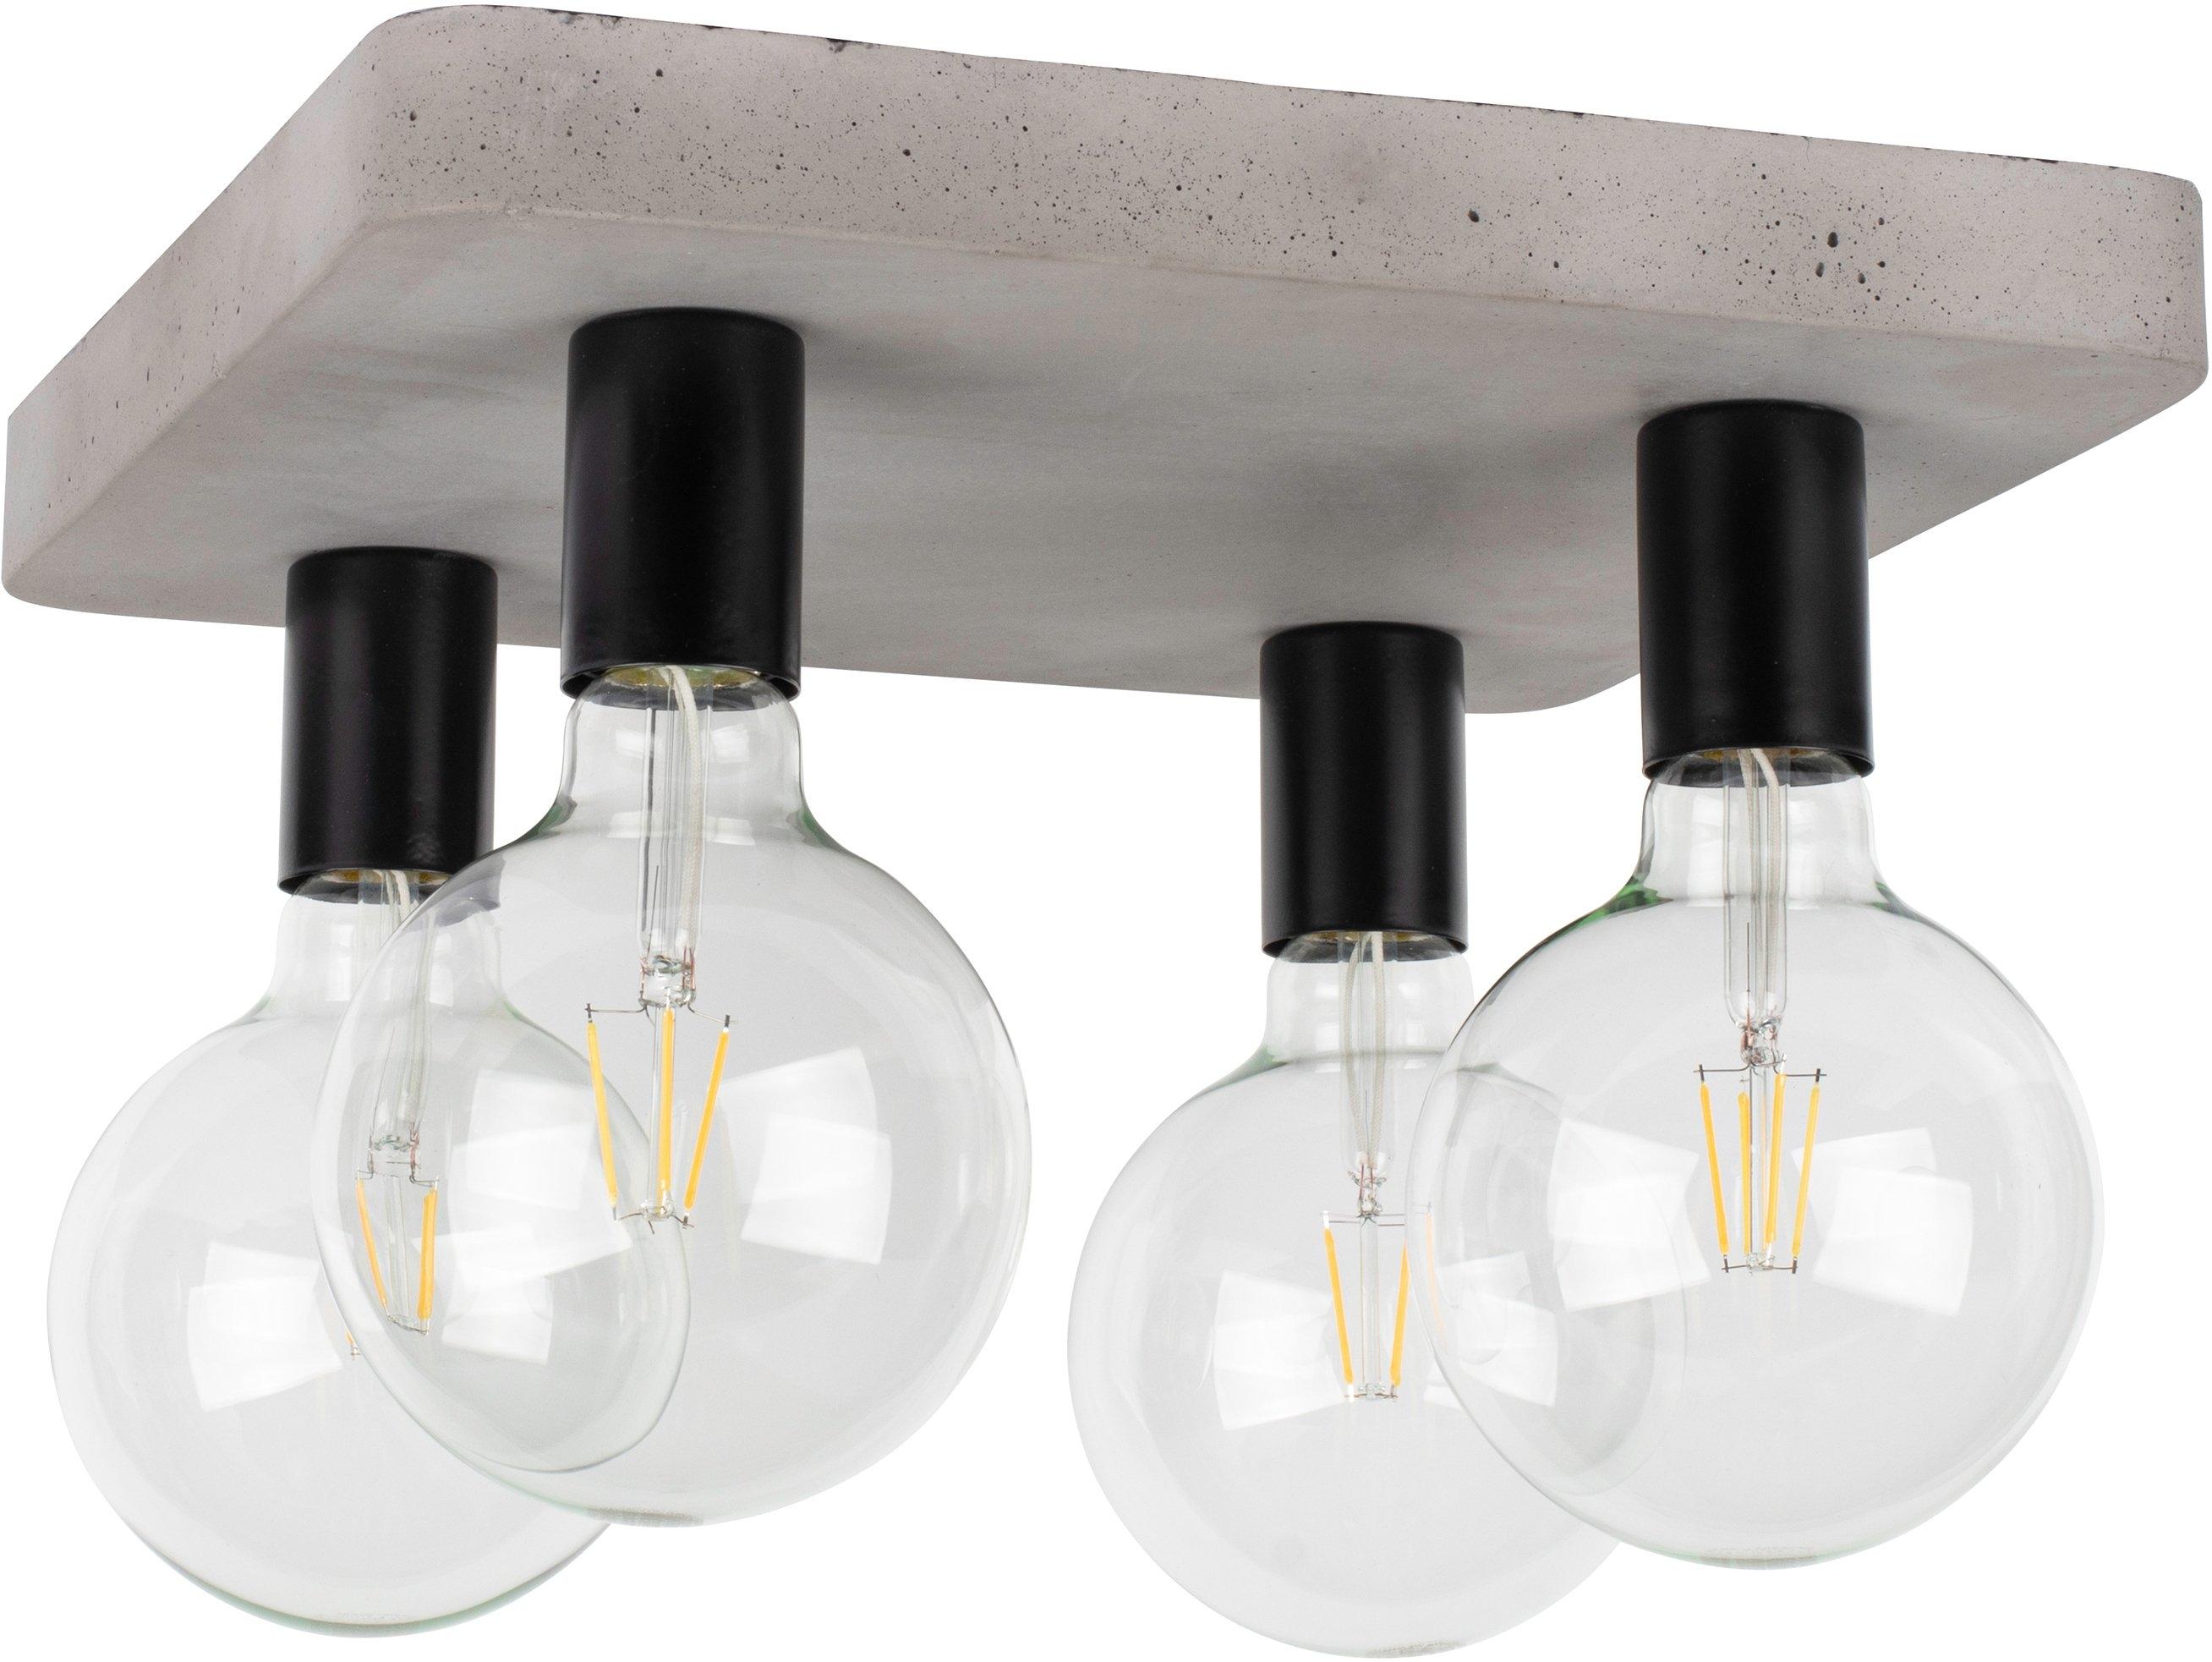 SPOT Light plafondlamp Voortaan Echt beton - met de hand gemaakt, natuurproduct - duurzaam, ideaal voor vintage-lampen, Made in Europe (1 stuk) online kopen op otto.nl